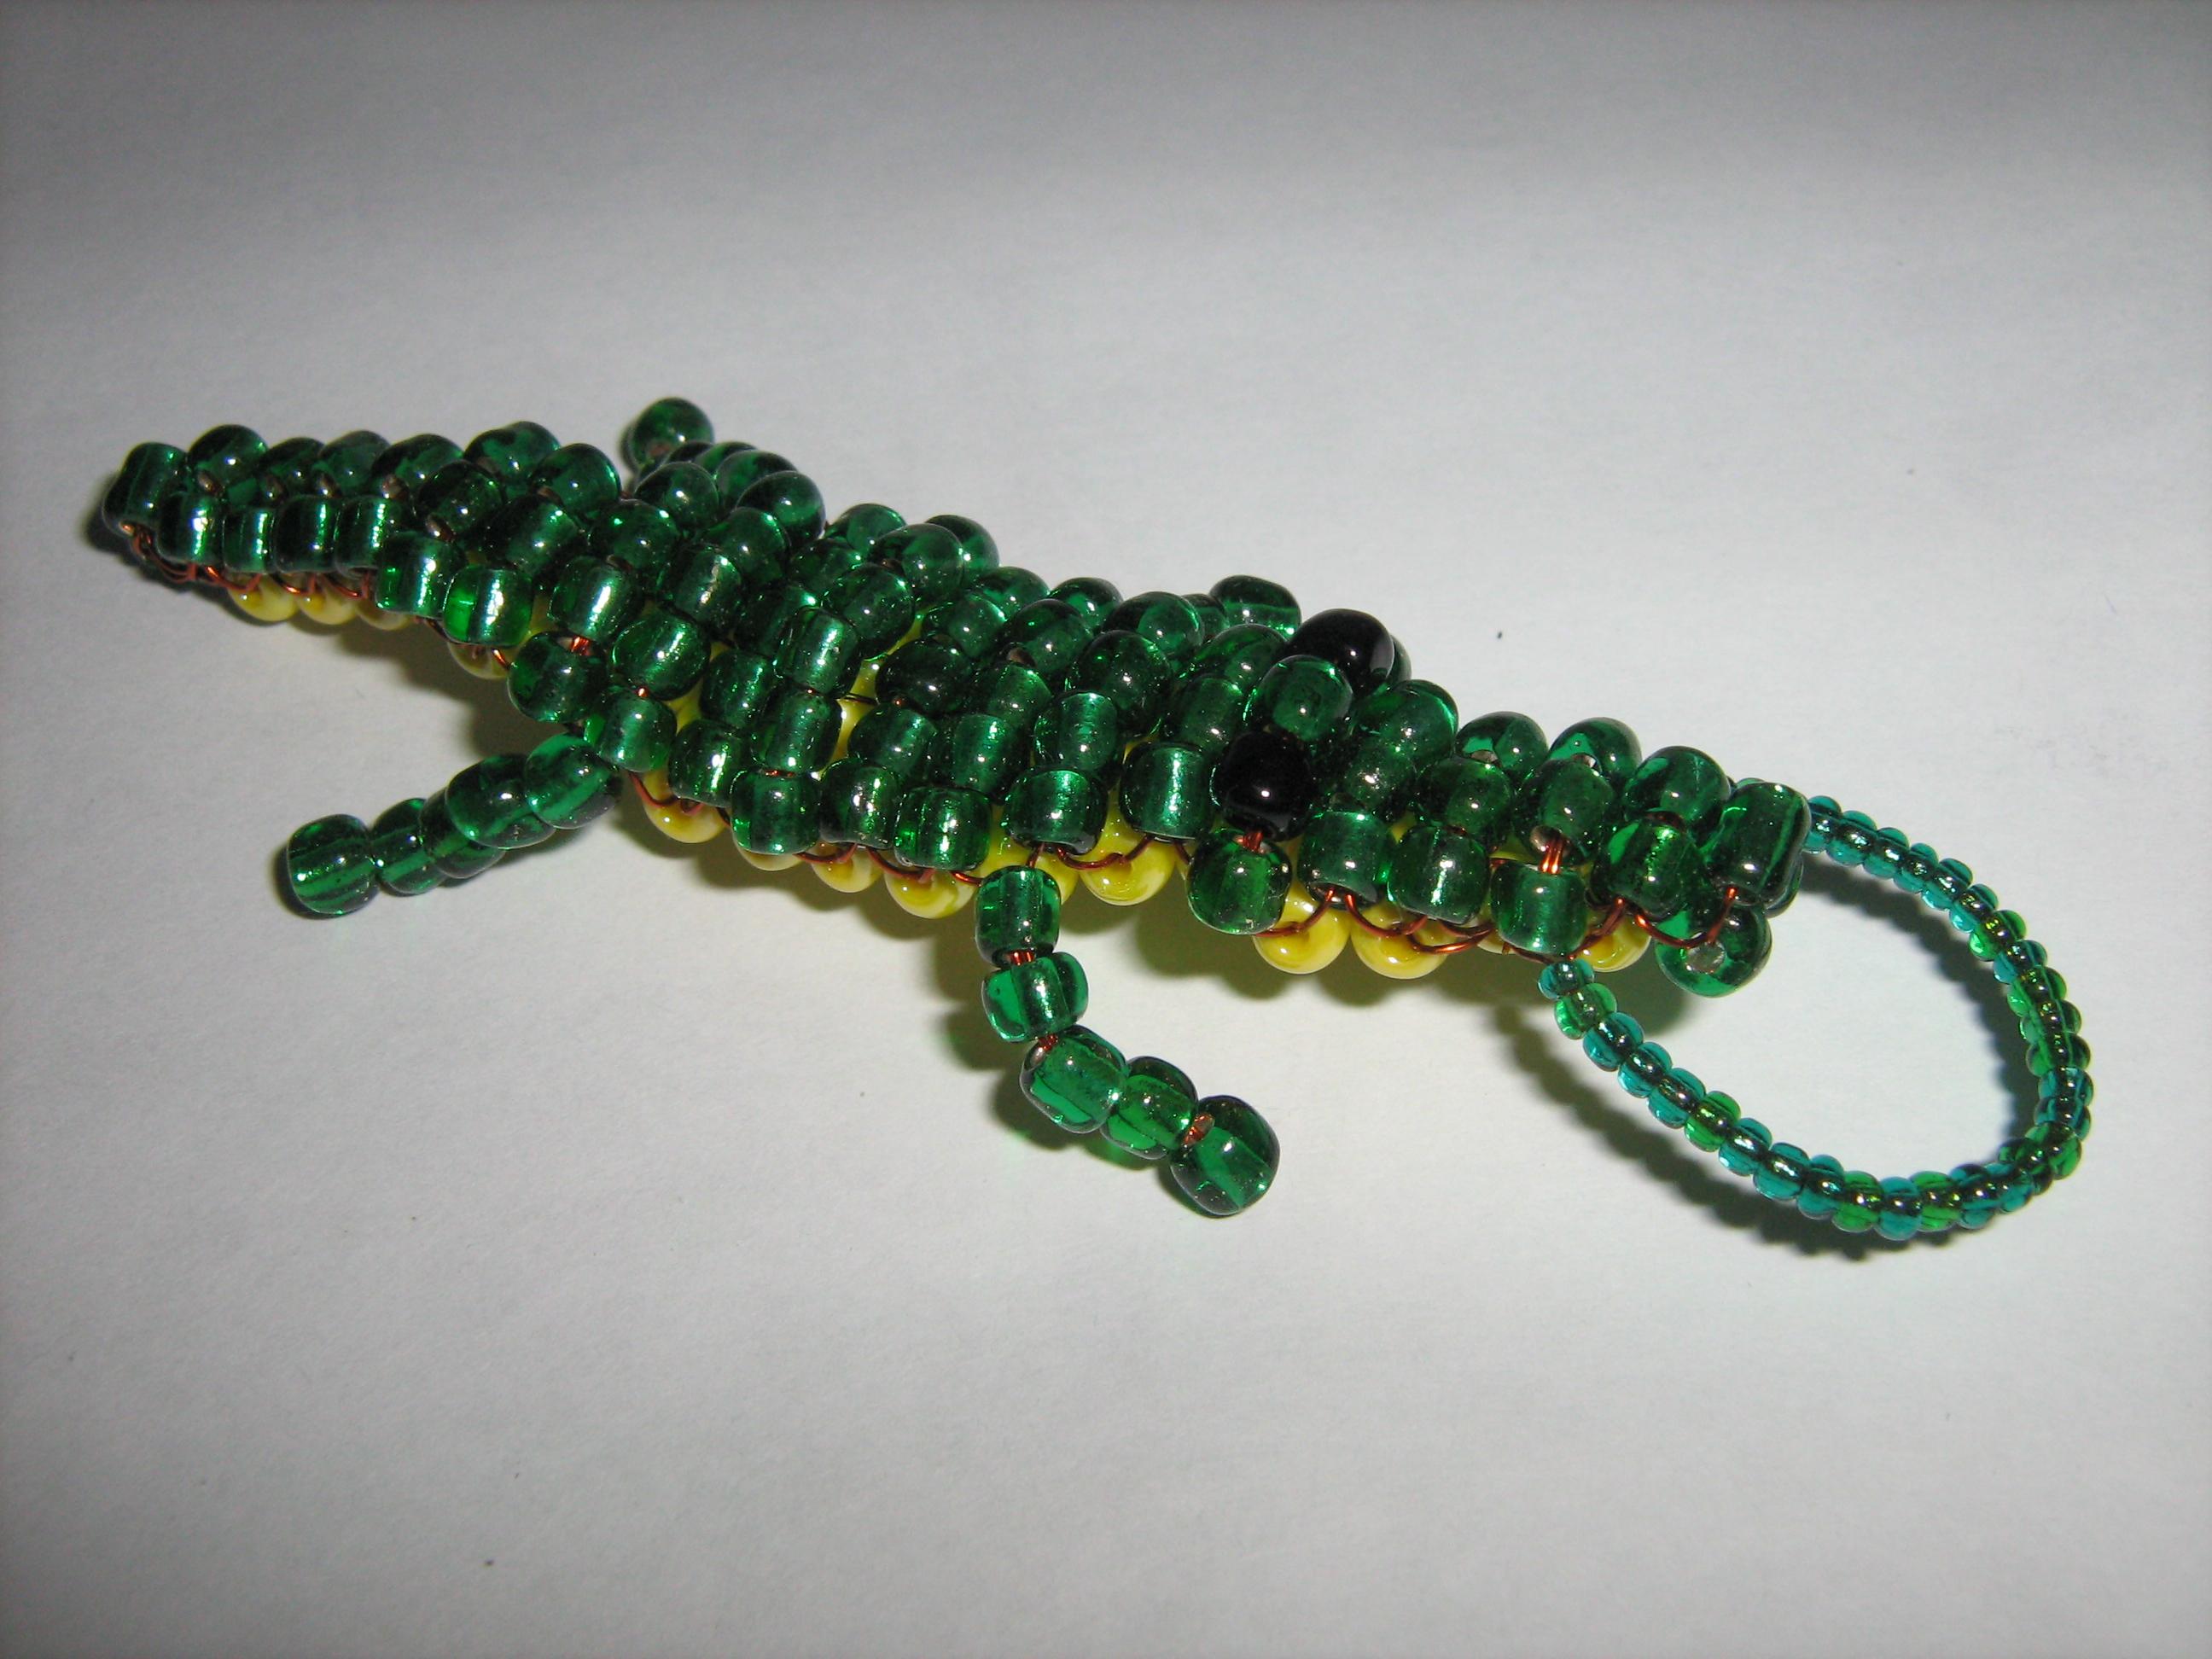 плетение из бисера кобра - Искусство бисероплетения.